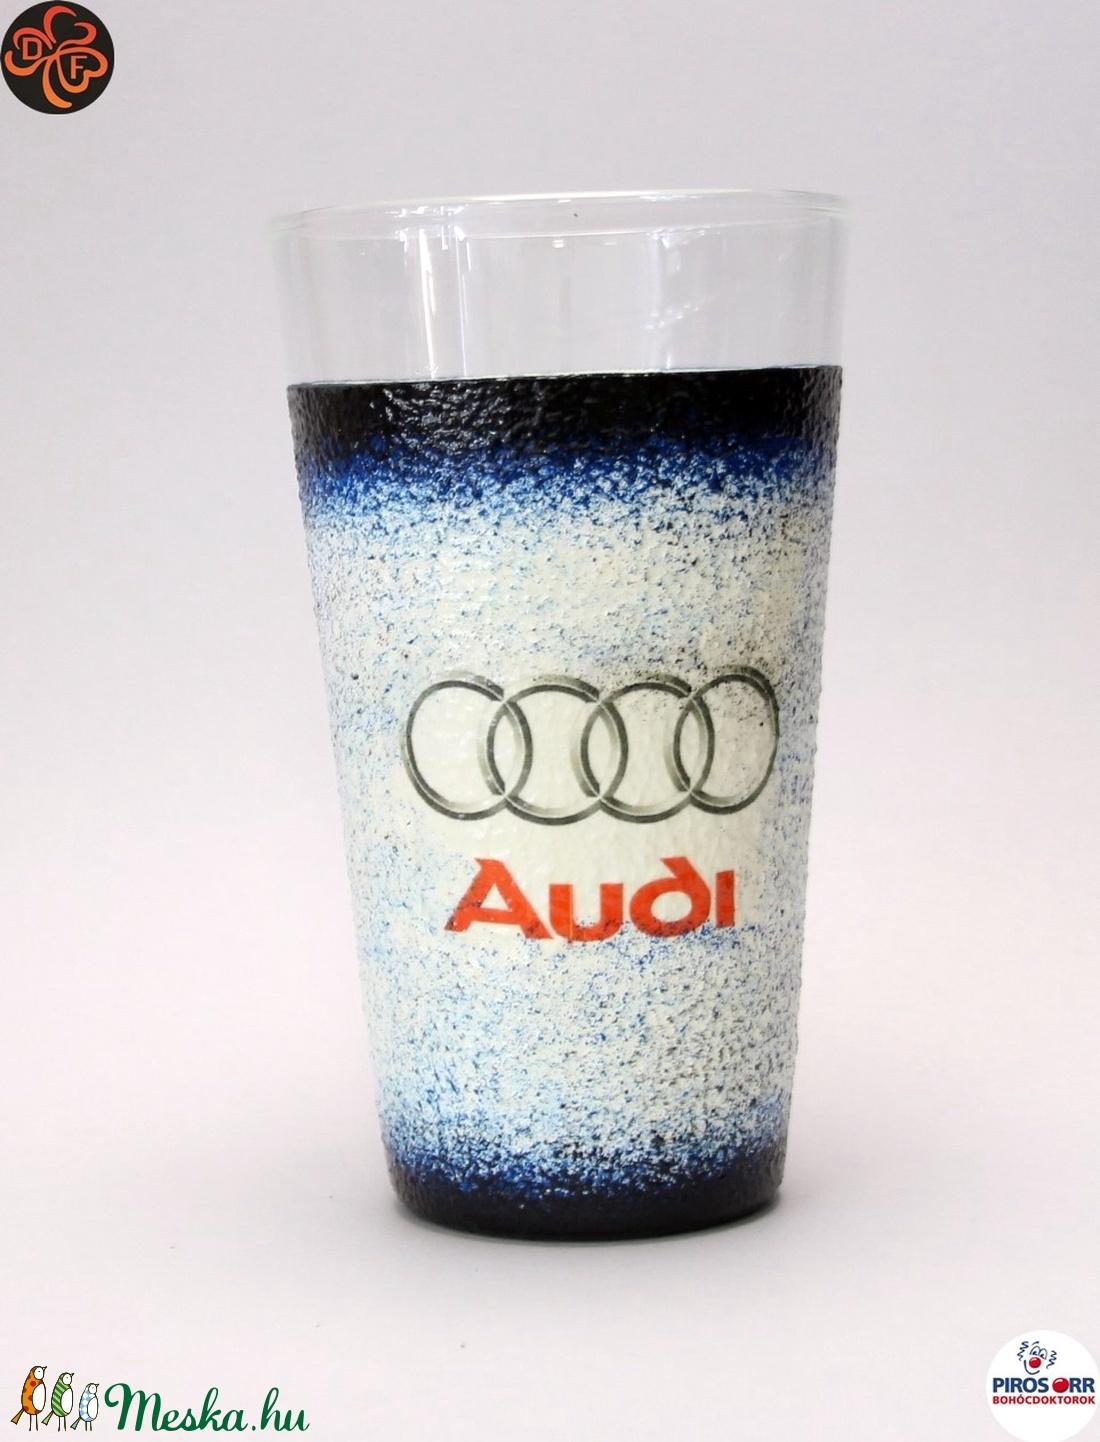 Audi üdítős pohár ; Audi rajongóknak (decorfantasy) - Meska.hu